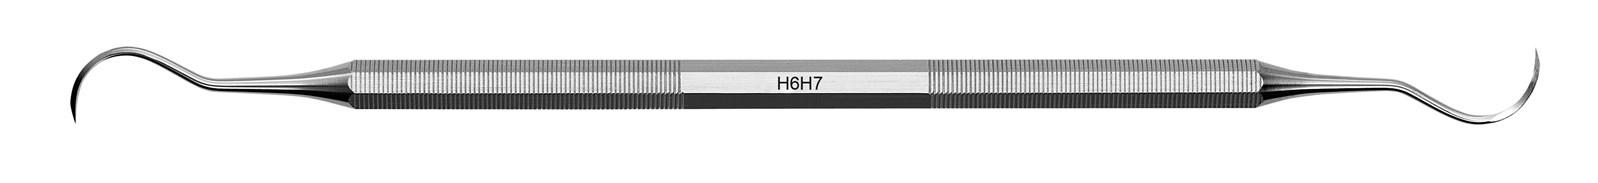 Scaler univerzální - H6H7, ADEP žlutý